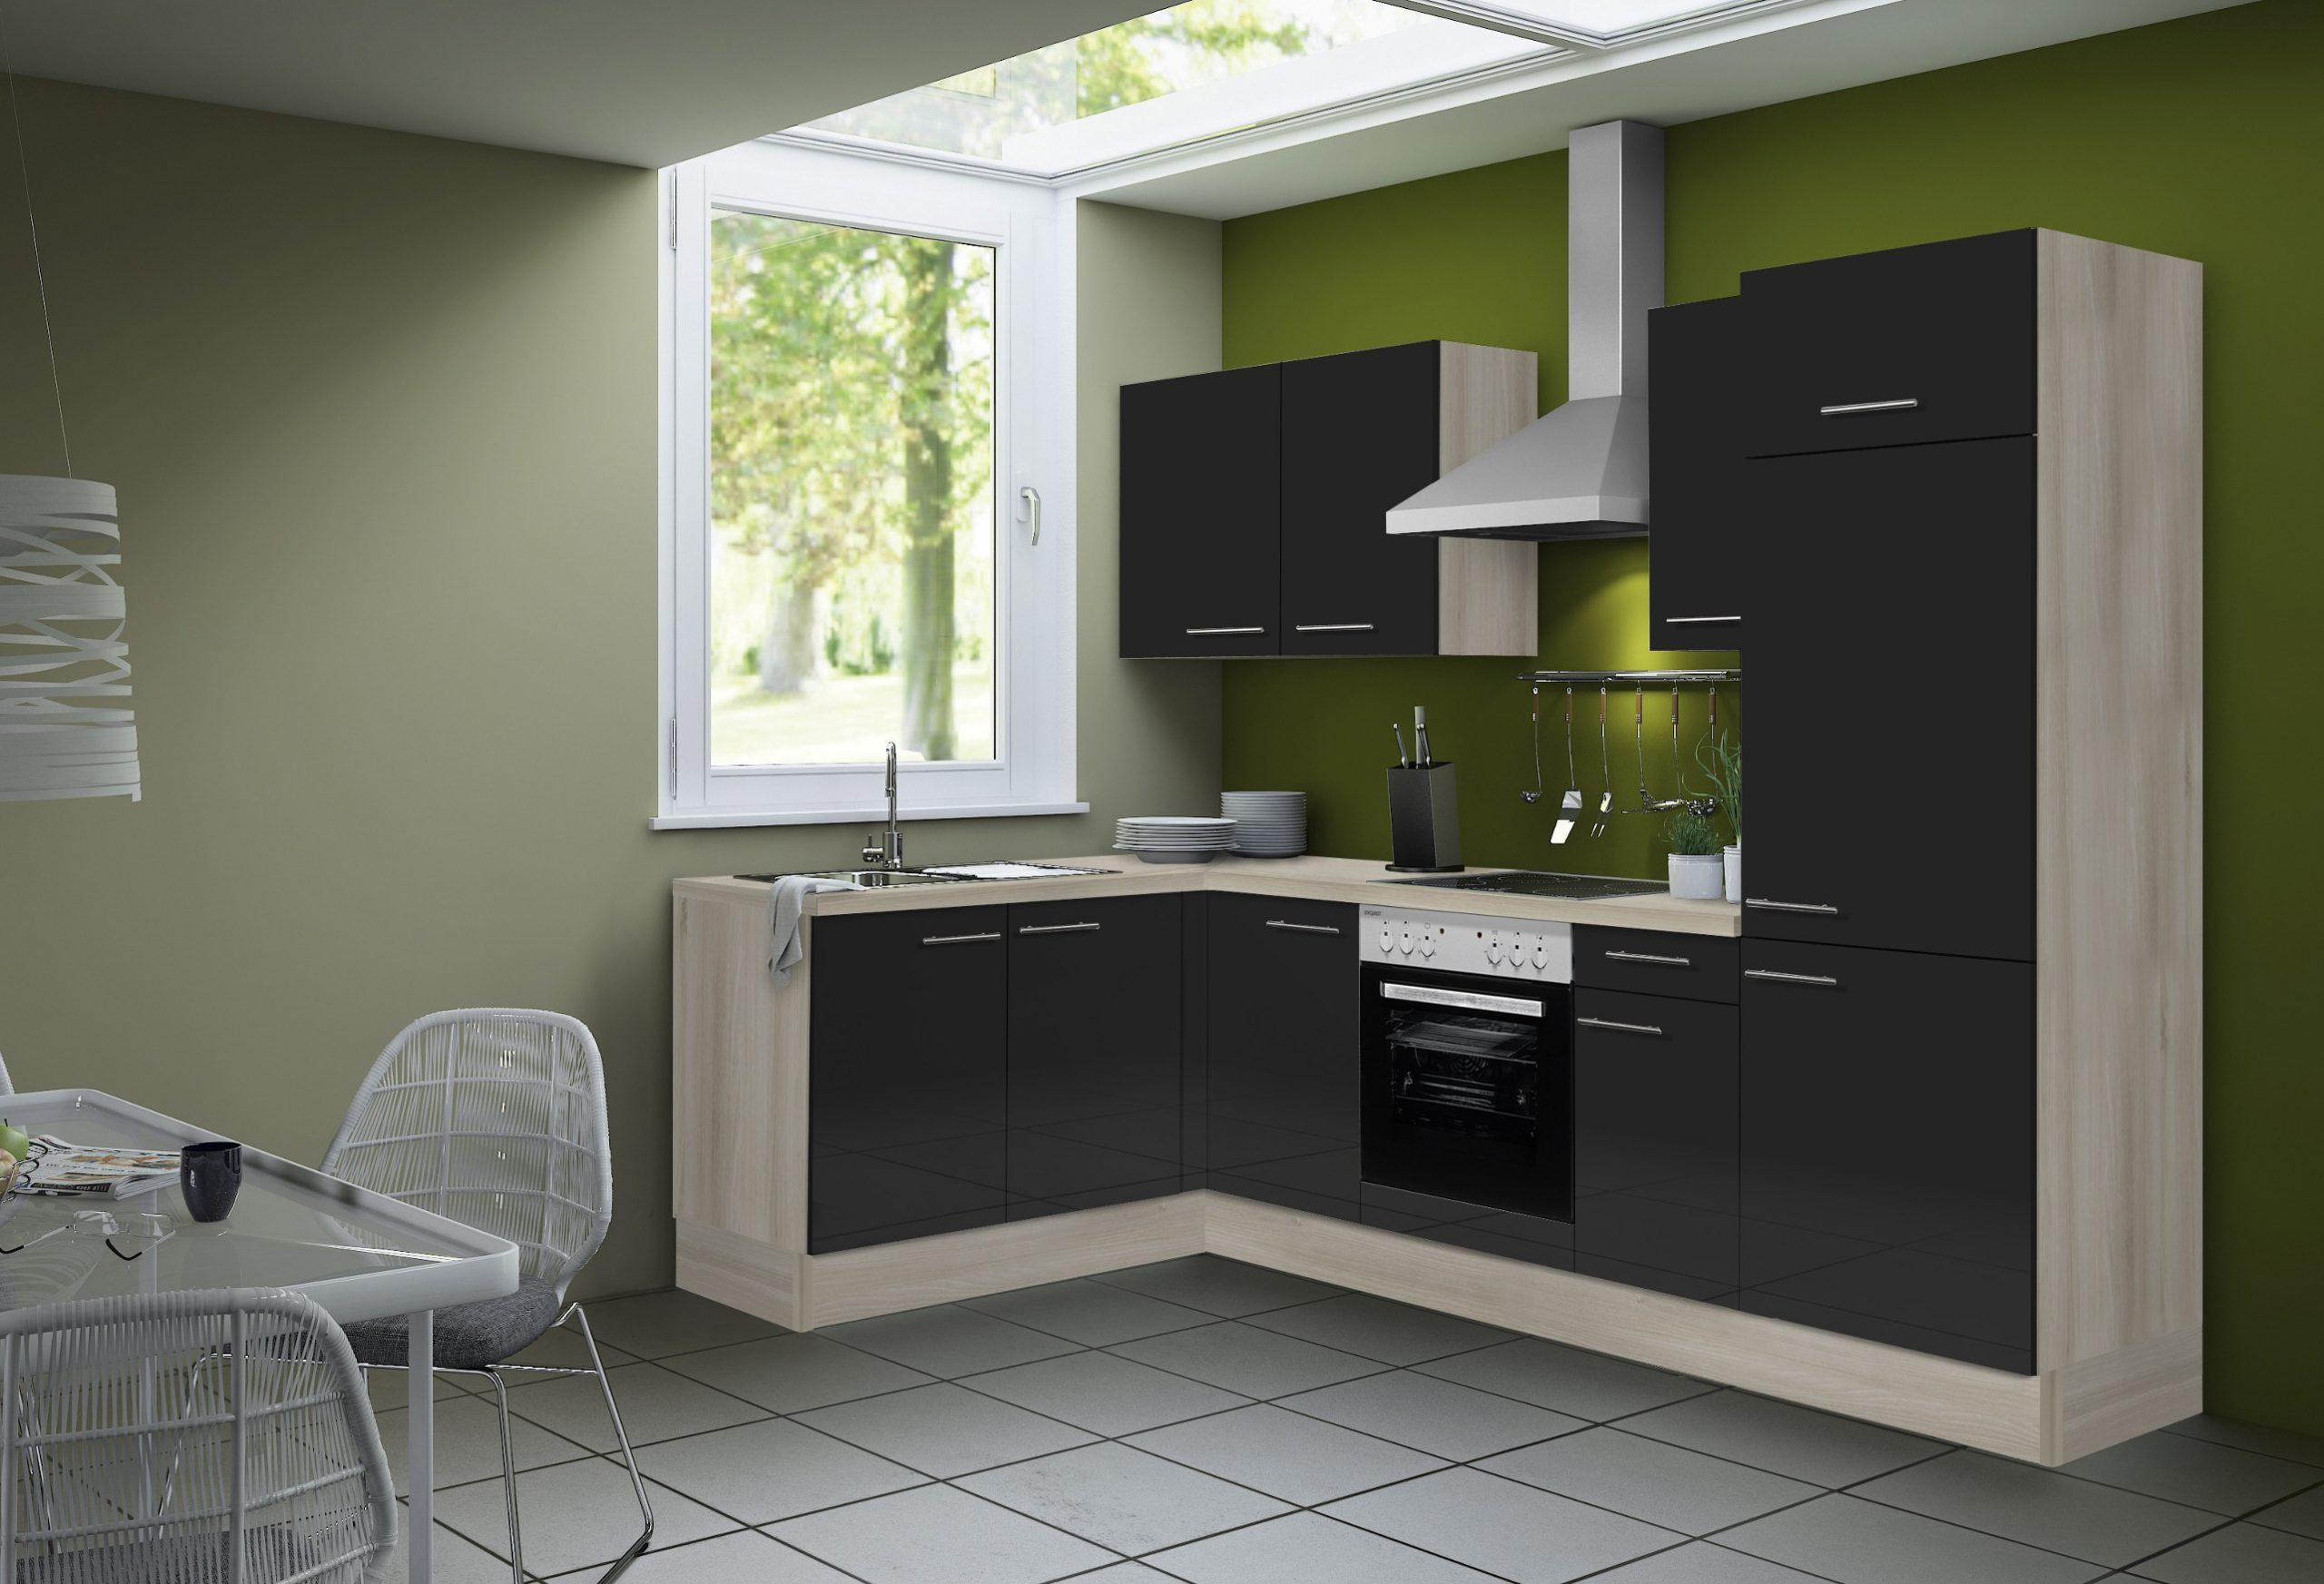 Full Size of Küche L Form Gebraucht Kaufen Küche L Form Grundriss Küche L Form Modern Küche L Form Dachschräge Küche Küche L Form